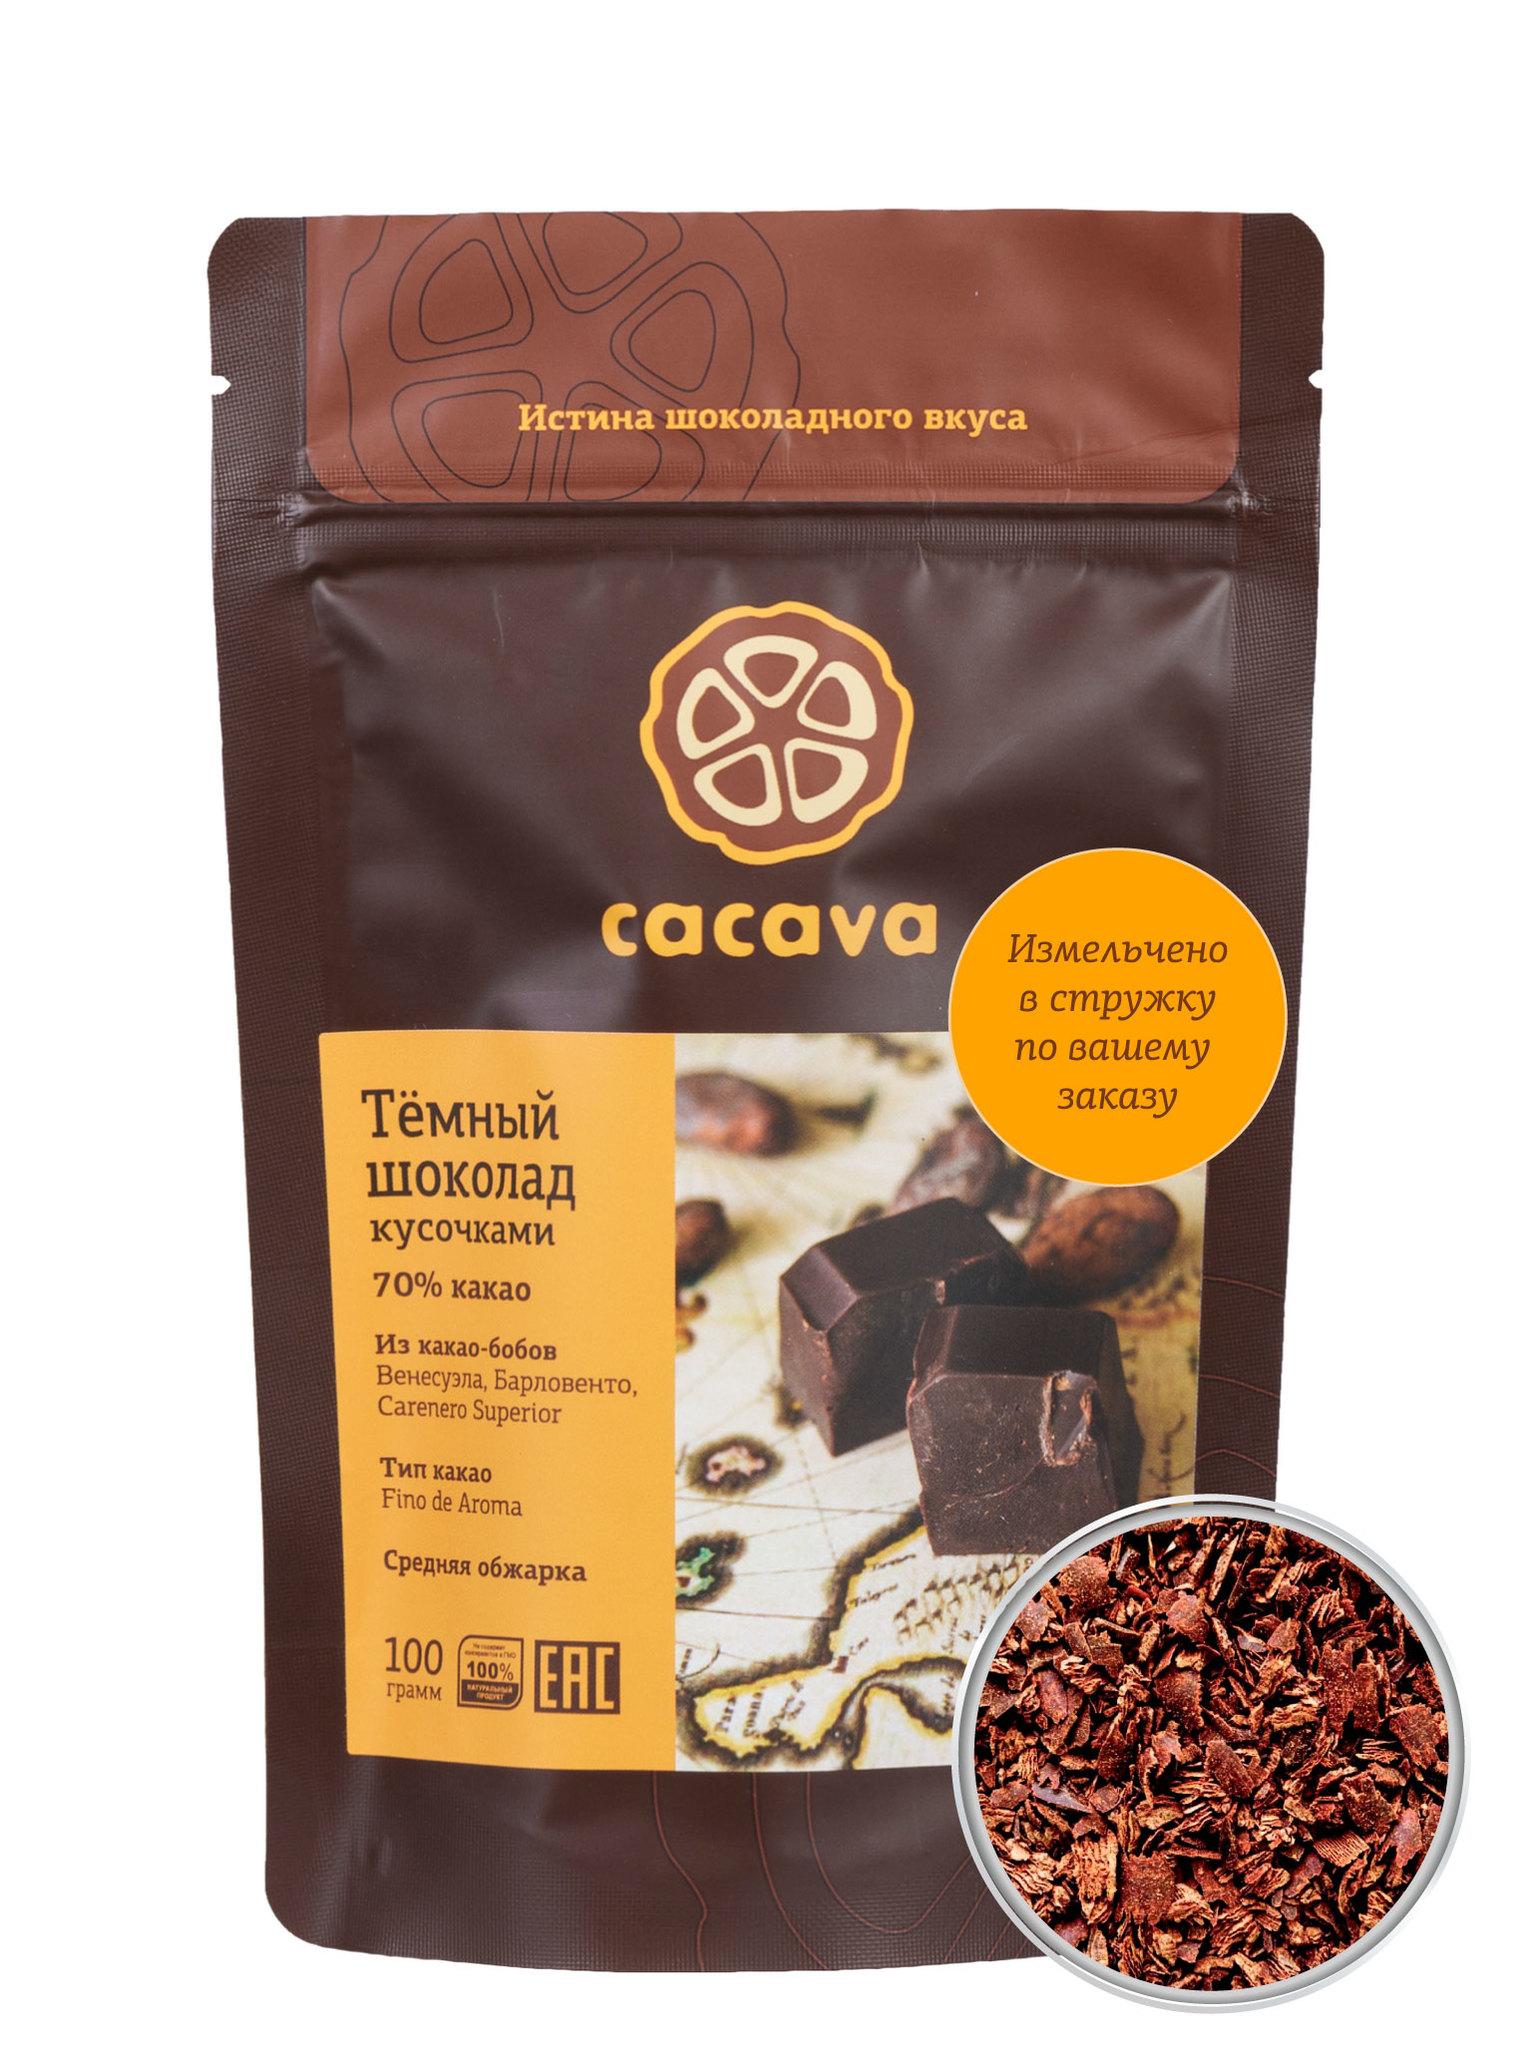 Тёмный шоколад 70 % какао в стружке (Венесуэла), упаковка 100 грамм